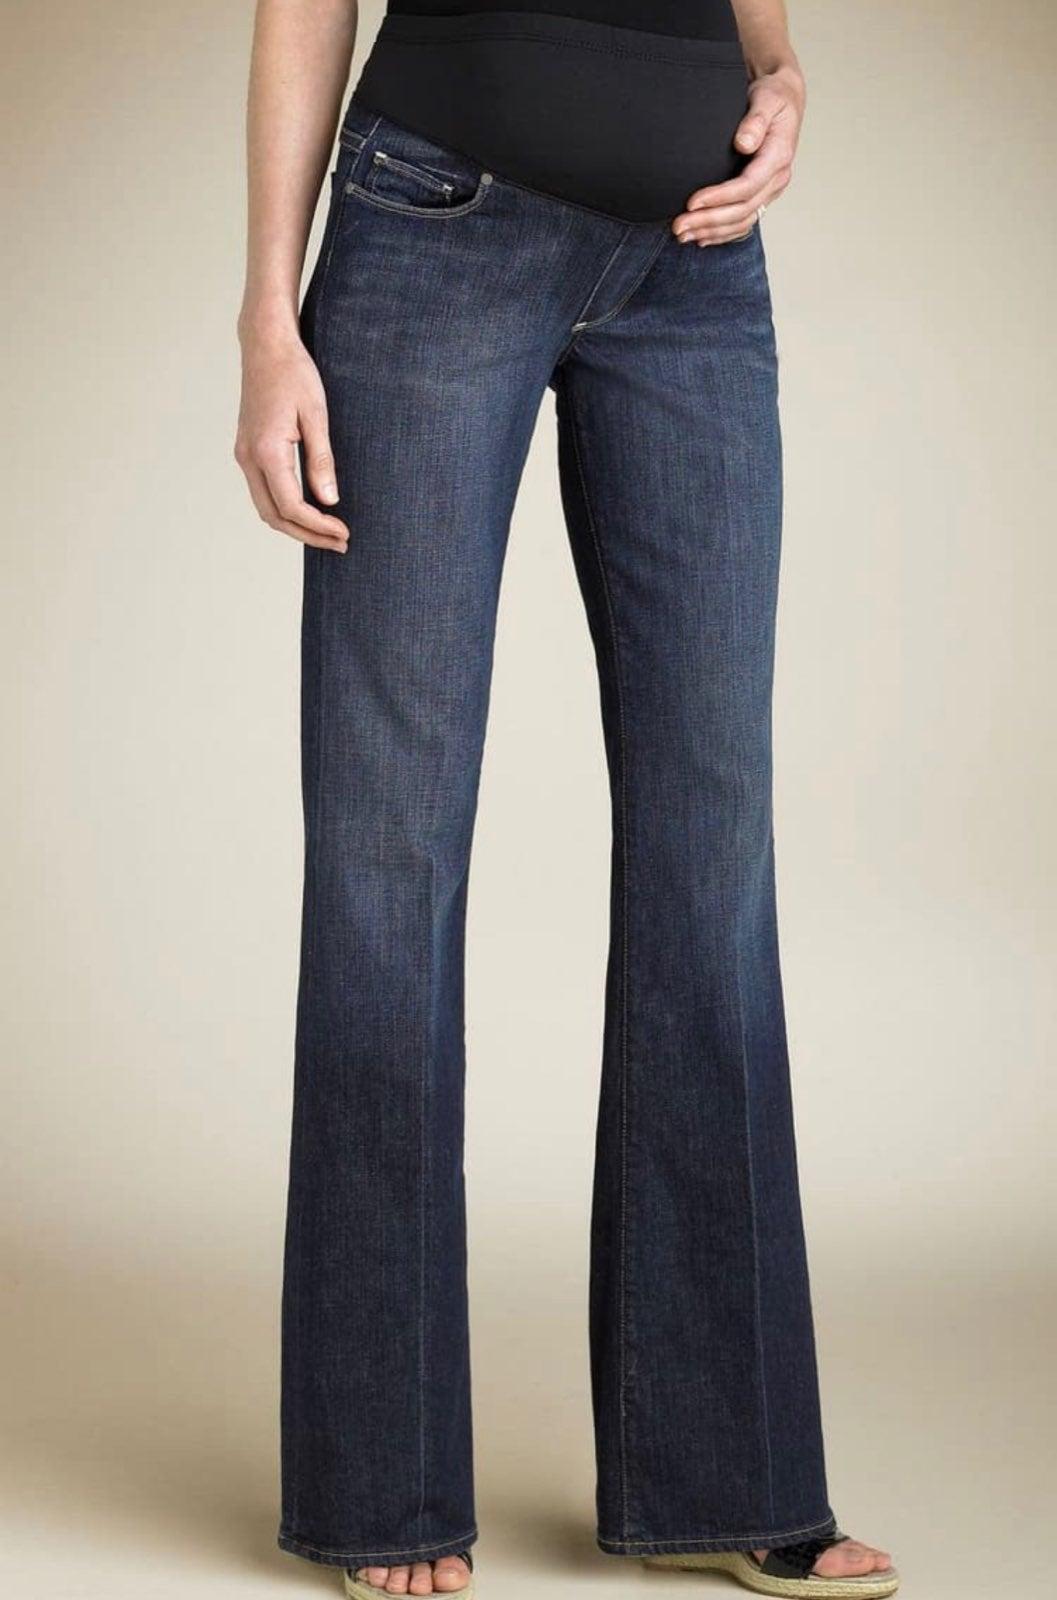 Paige Laurel Canyon Maternity Jeans 34